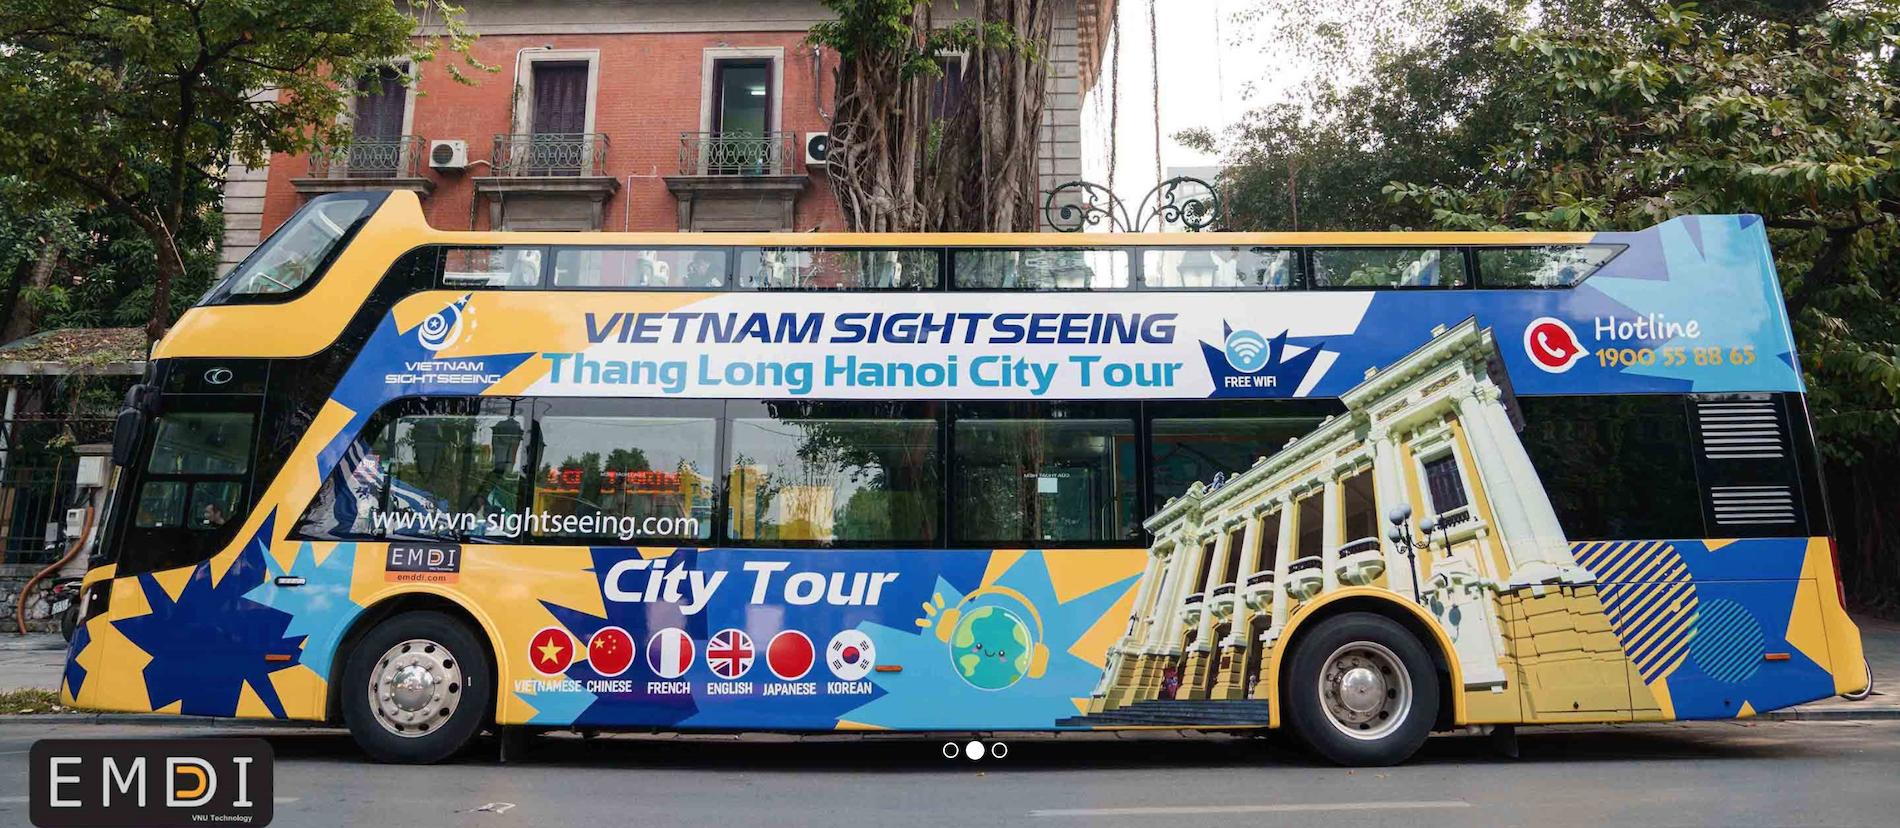 Đặt vé xe bus 2 tầng tại Hà Nội là một trong những dịch vụ của Emddi.